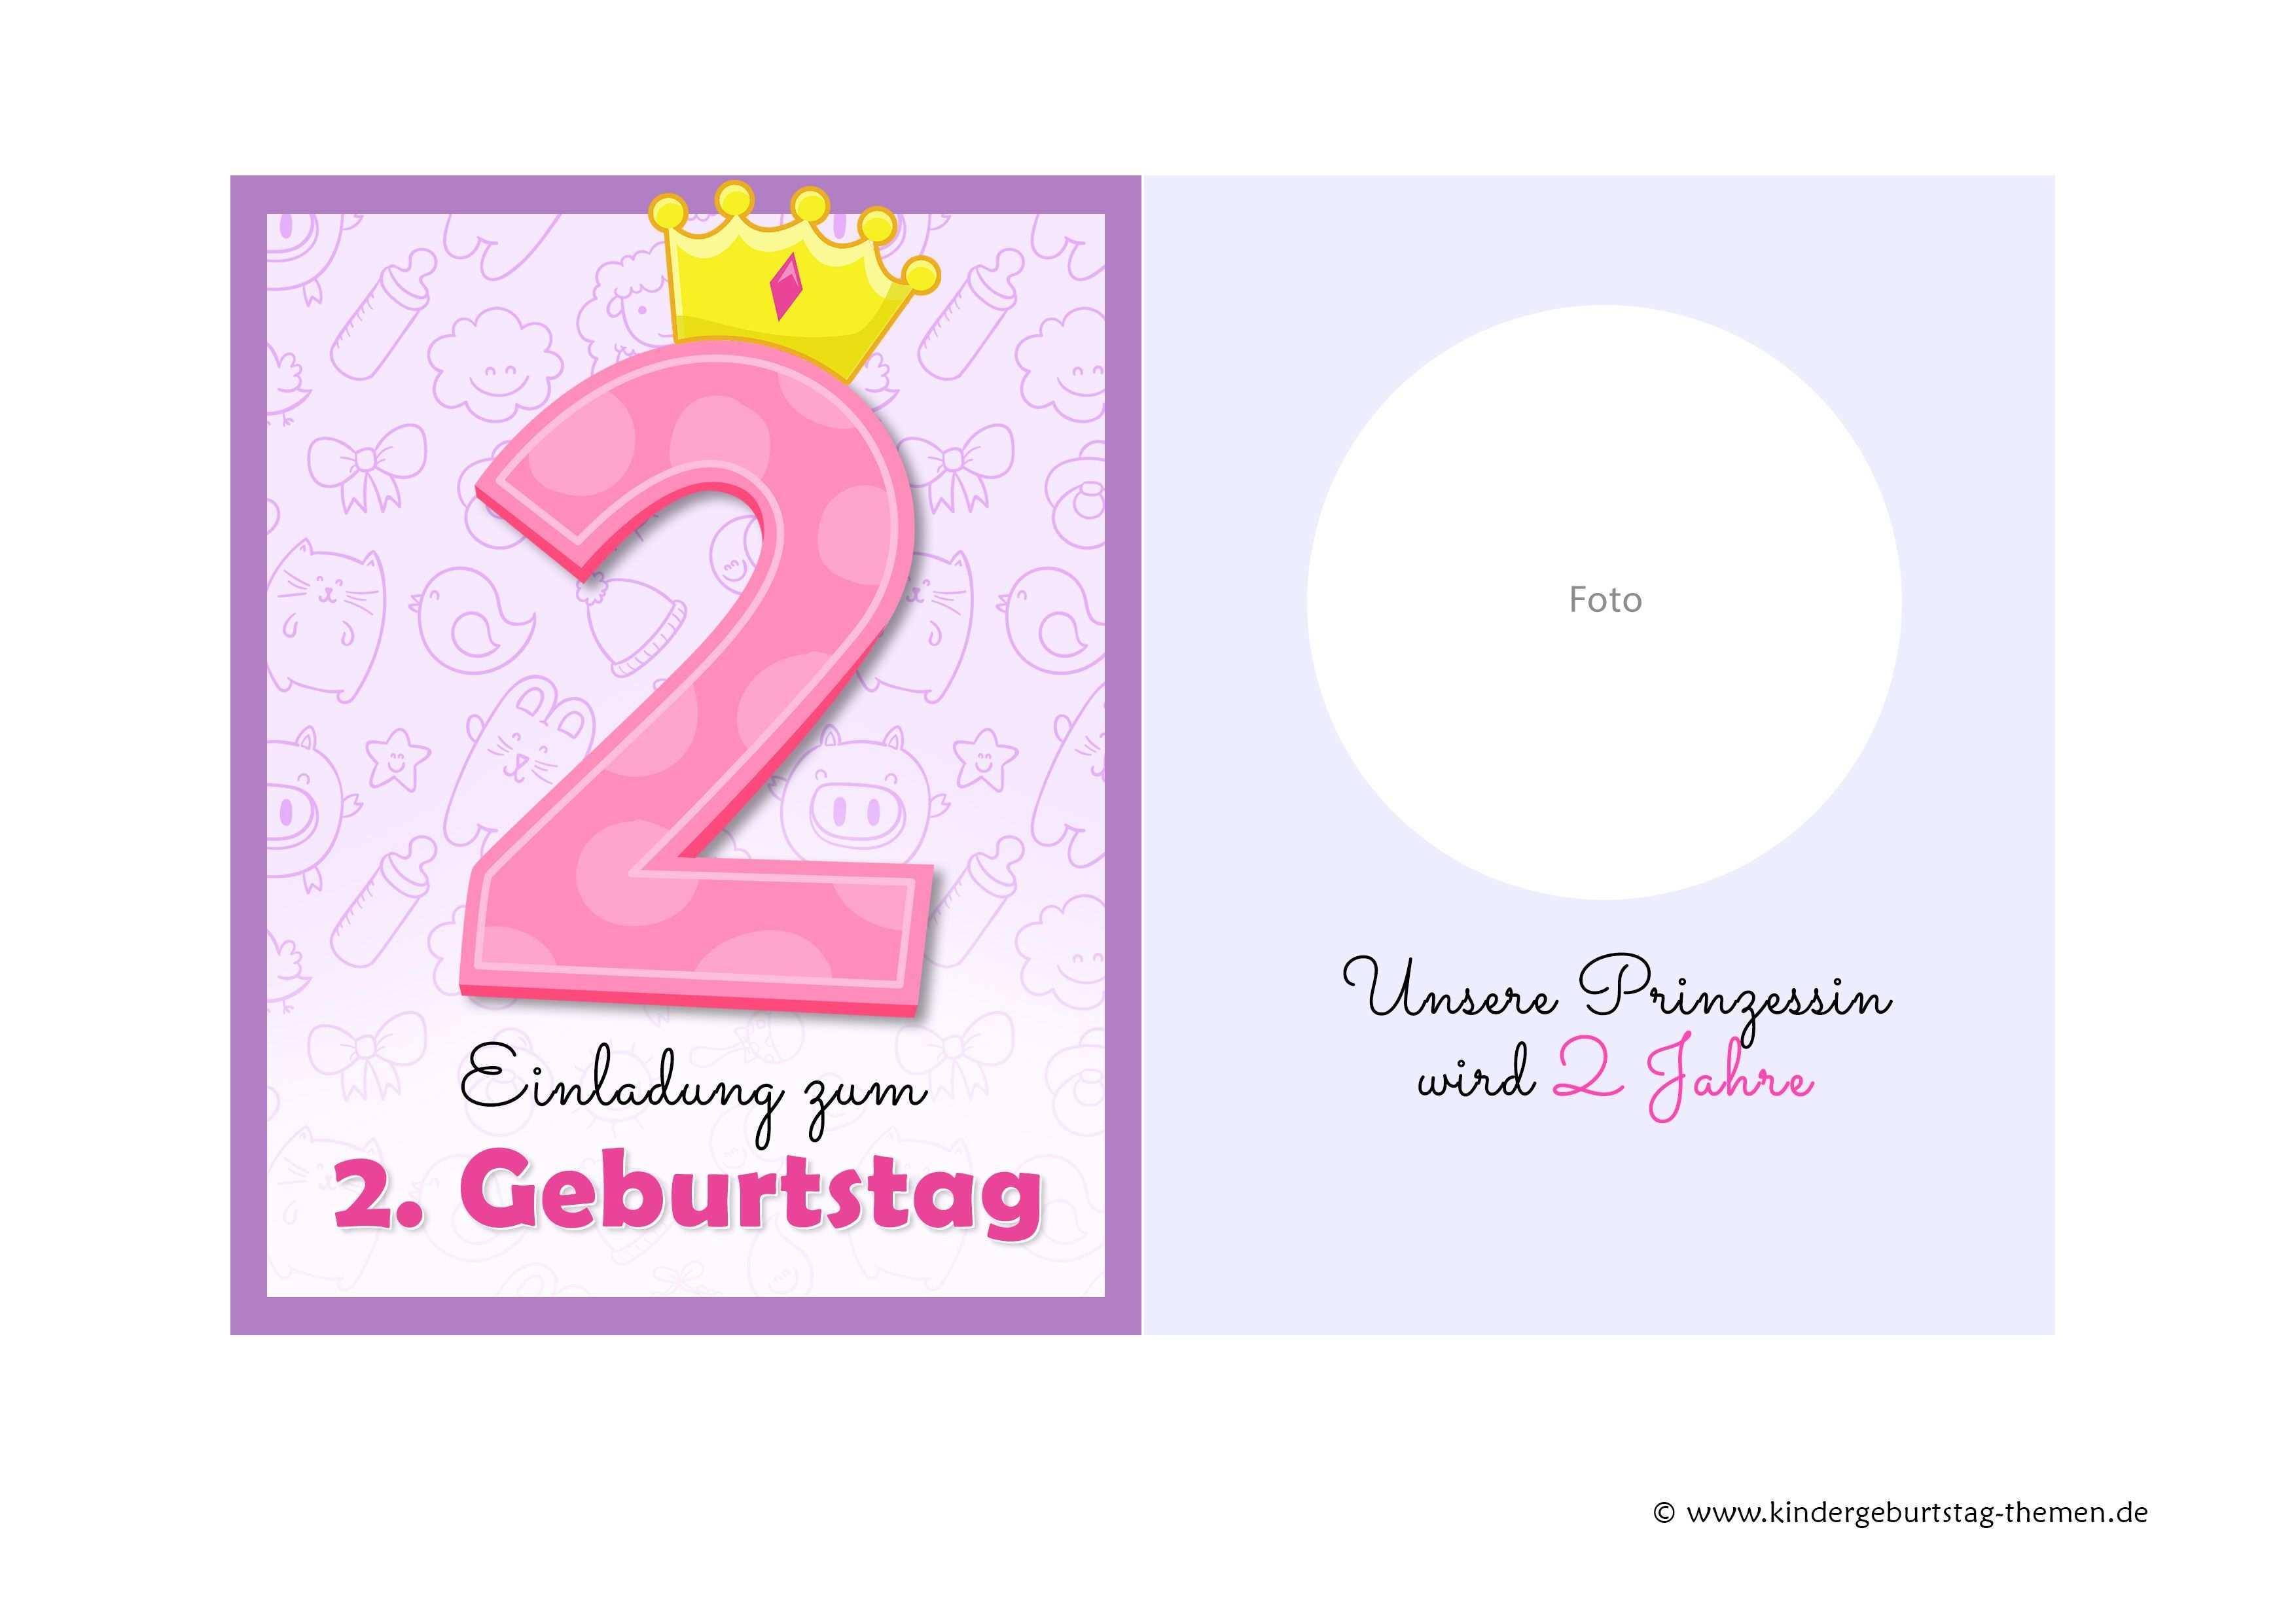 Einladung 2 Geburtstag Originelle Vorlagen Zum Herunterladen Einladung Geburtstag Einladungskarten Geburtstag Einladungskarten Kindergeburtstag